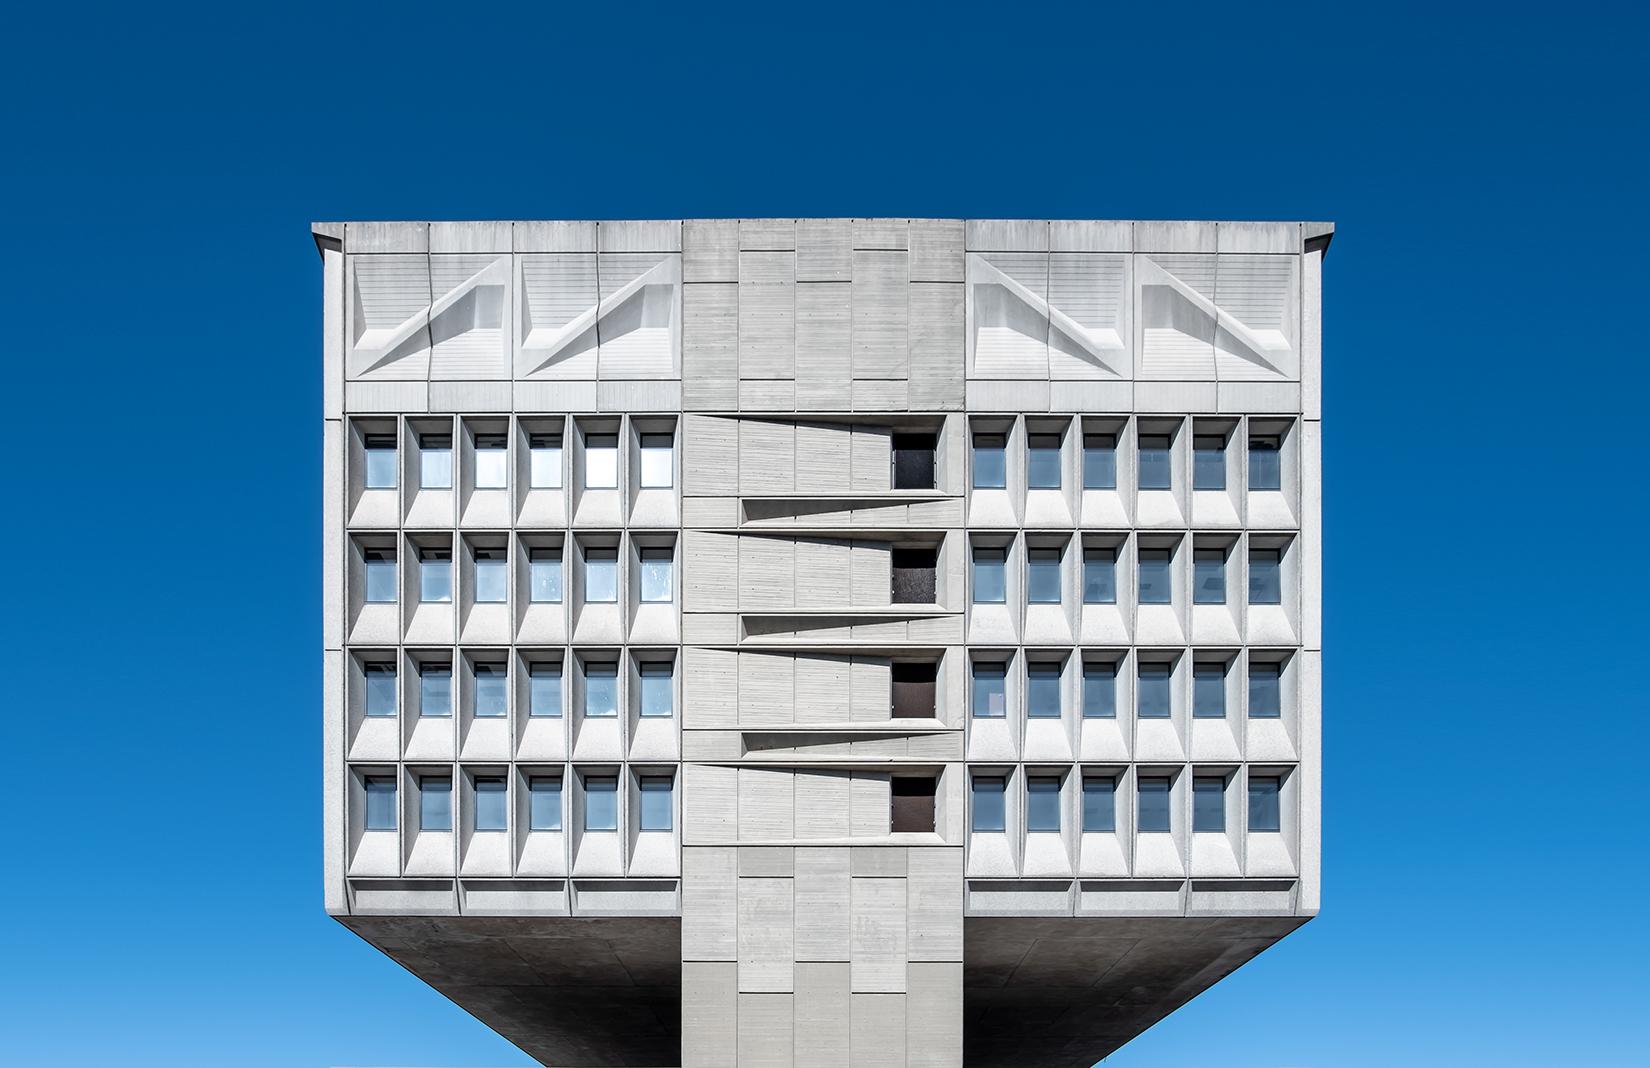 The Pirelli Tire Building facade